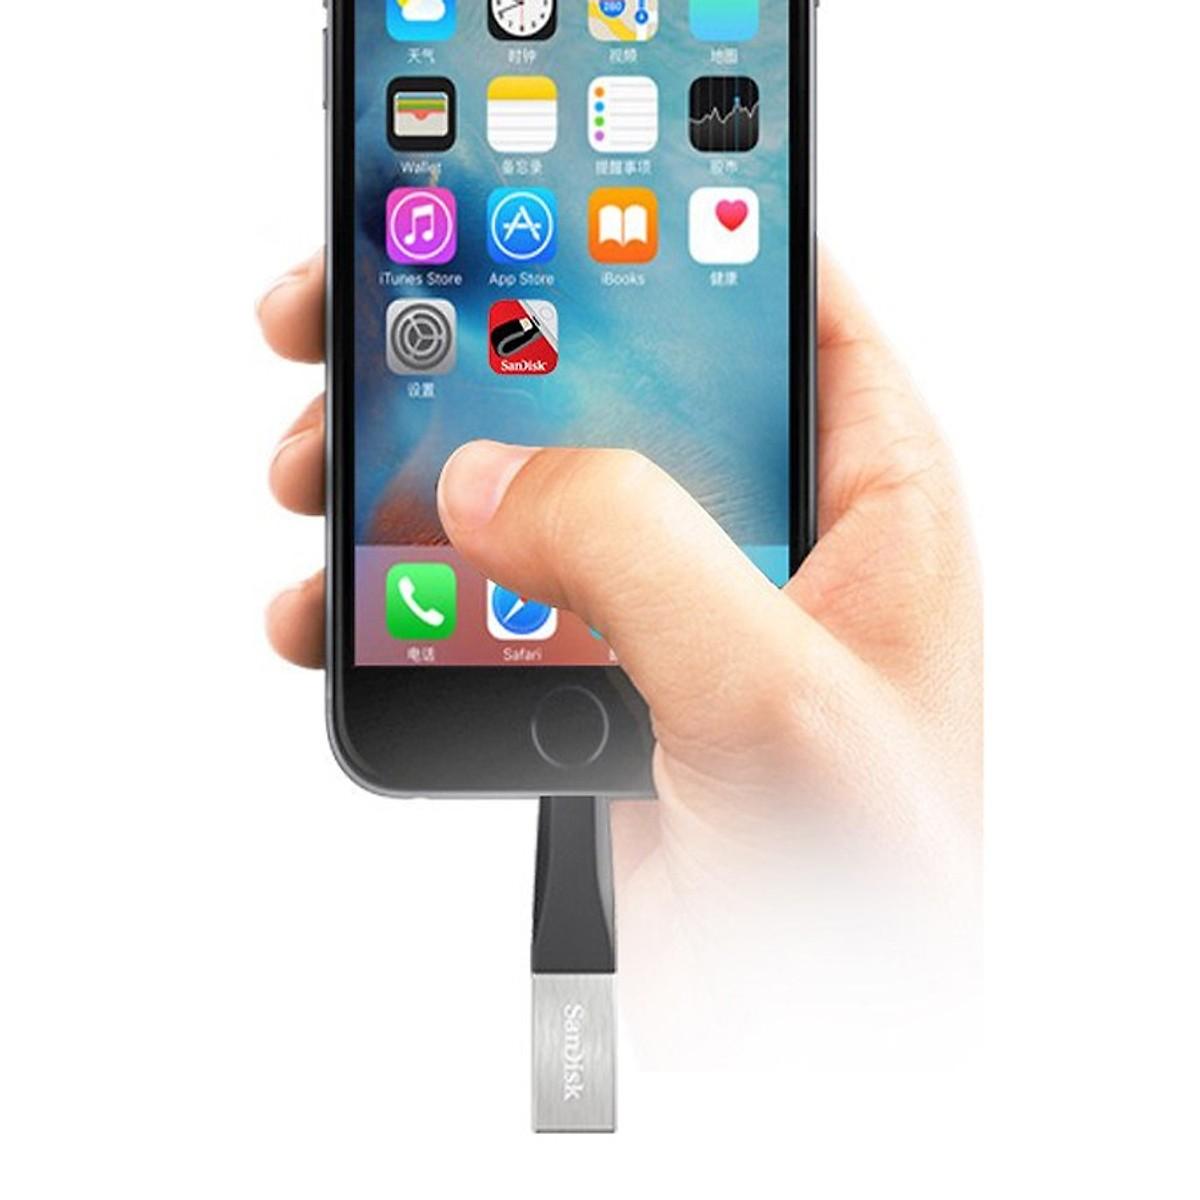 USB SanDisk iXpand 3.0 16GB - Hàng Nhập Khẩu